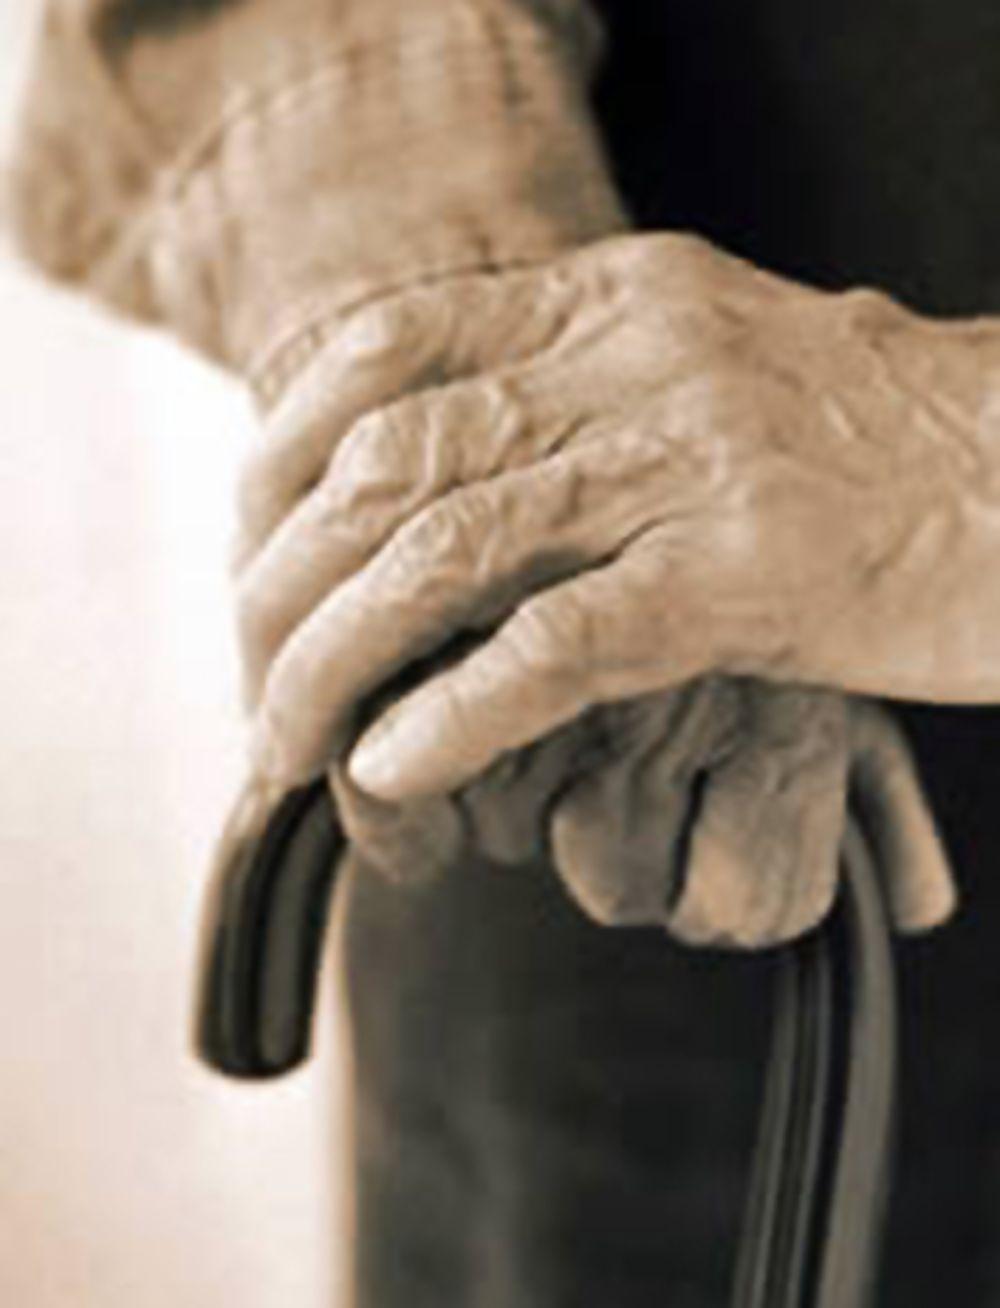 El párkinson se suele asociar con personas mayores.